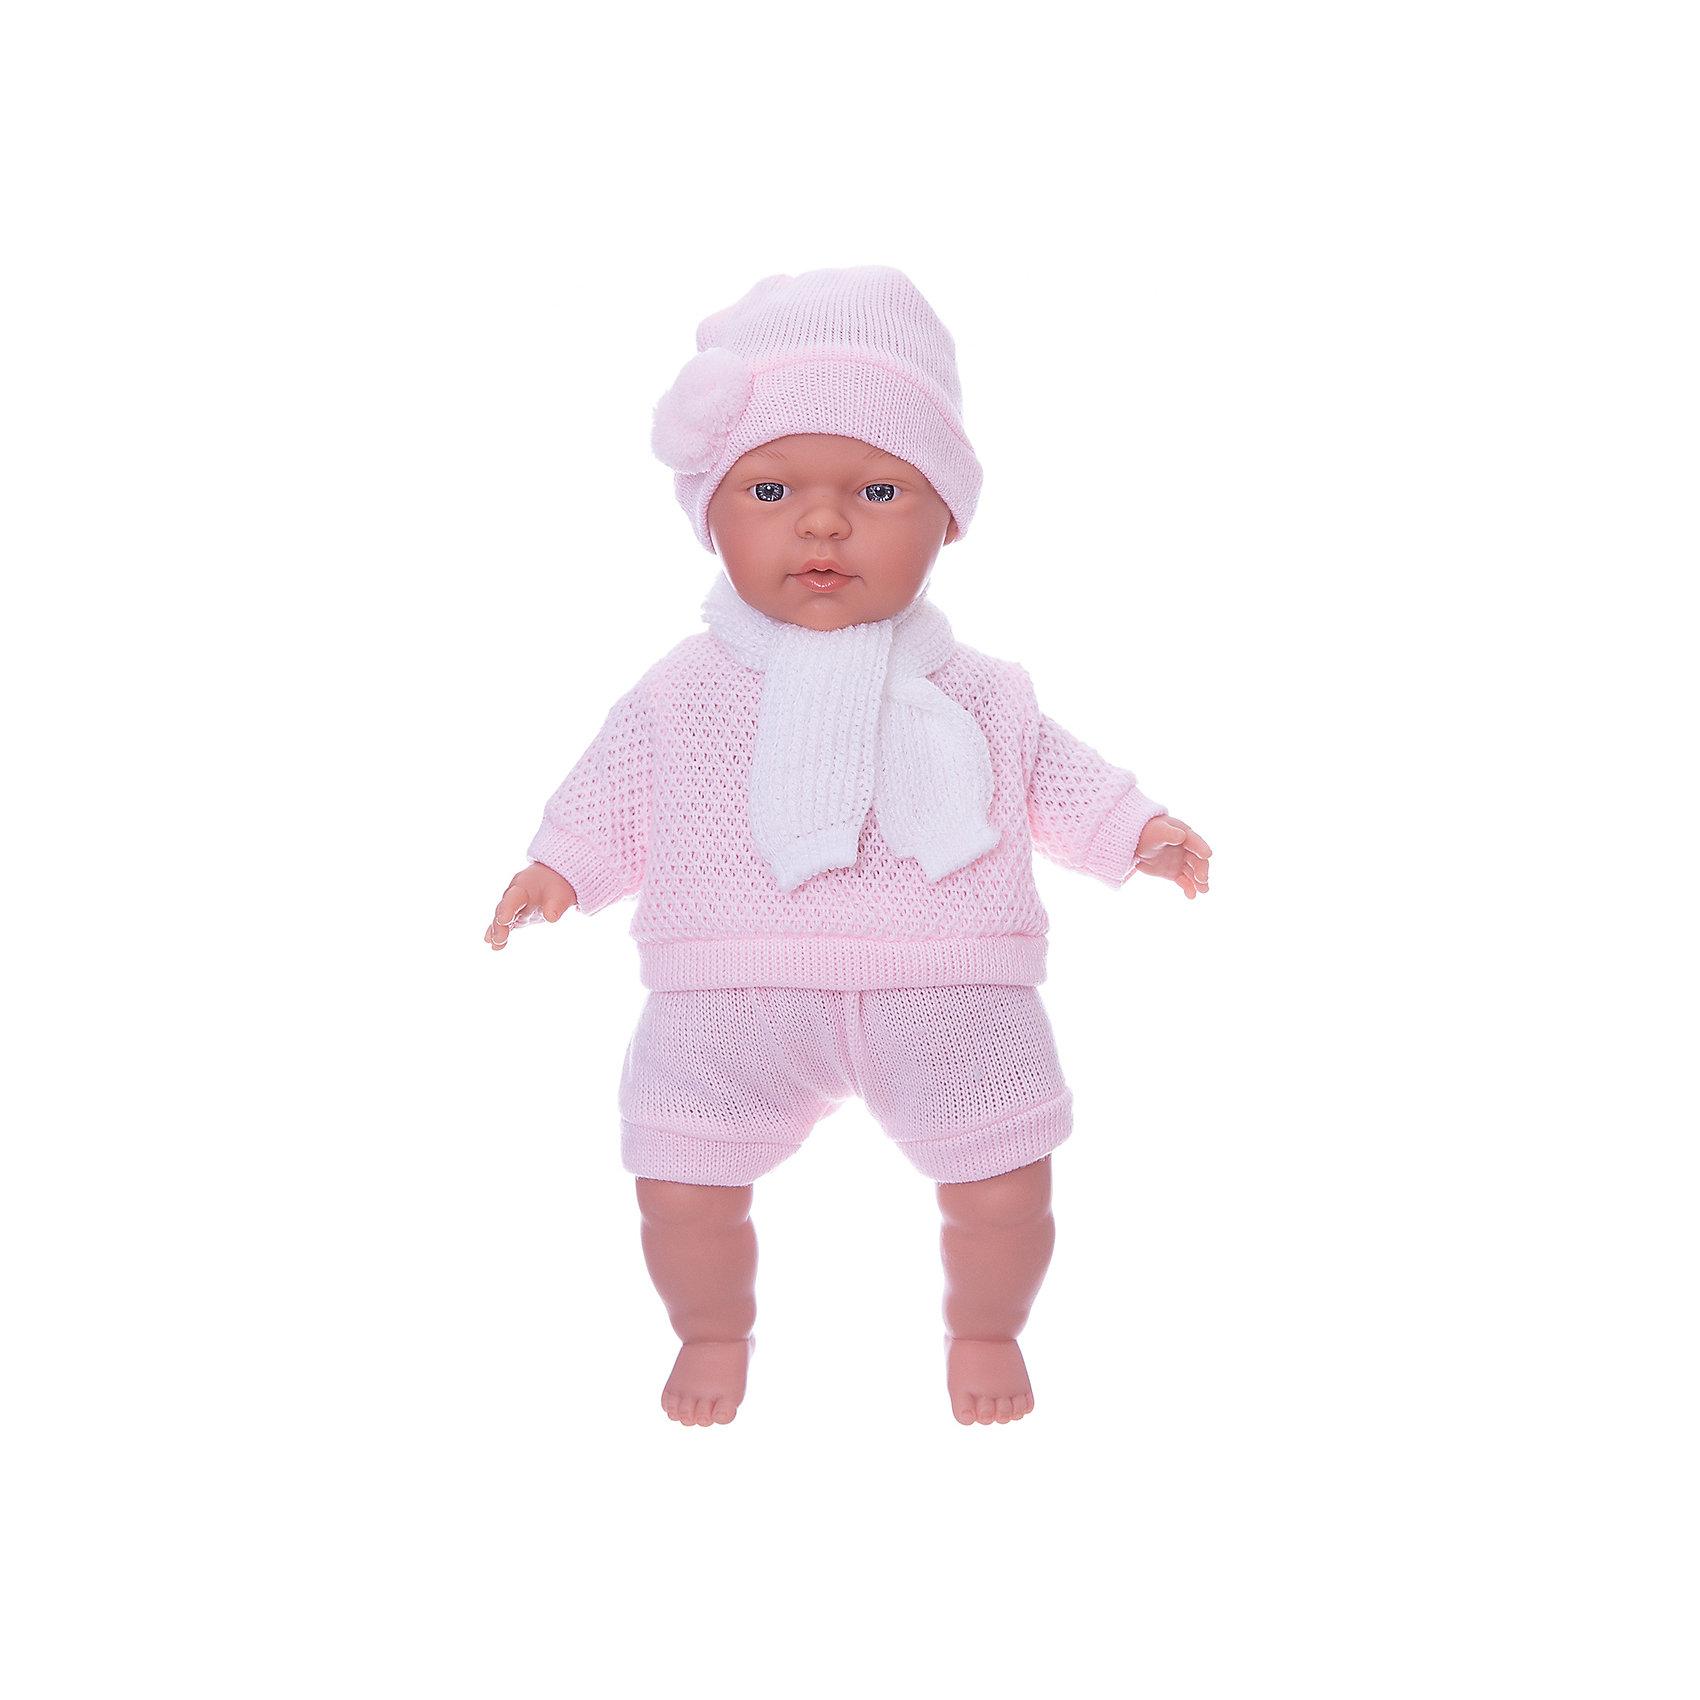 Кукла Люсия, 33 см, LlorensХарактеристики:<br><br>• Предназначение: для сюжетно-ролевых игр<br>• Тип куклы: мягконабивная<br>• Пол куклы: девочка <br>• Волосы: прорисованные<br>• Материал: поливинилхлорид, пластик, текстиль<br>• Цвет: розовый, белый<br>• Высота куклы: 33 см<br>• Комплектация: кукла, короткие шортики, свитер, шарфик, шапочка<br>• Вес: 660 г<br>• Размеры упаковки (Д*В*Ш): 20*37*10 см<br>• Упаковка: подарочная картонная коробка <br>• Особенности ухода: допускается деликатная стирка без использования красящих и отбеливающих средств предметов одежды куклы<br><br>Кукла Люсия 33 см без звука – кукла, производителем которого является всемирно известный испанский кукольный бренд Llorens. Куклы этой торговой марки имеют свою неповторимую внешность и целую линейку образов как пупсов, так и кукол-малышей. Игрушки выполнены из сочетания поливинилхлорида и пластика, что позволяет с высокой долей достоверности воссоздать физиологические и мимические особенности маленьких детей. При изготовлении кукол Llorens используются только сертифицированные материалы, безопасные и не вызывающие аллергических реакций. Волосы у кукол-пупсов прорисованные; ручки и ножки двигаются.<br>Кукла Люсия 33 см без звука выполнена в образе очаровательного малышки: голубые глазки и пухлые щечки создают невероятно очаровательный и милый образ. В комплект одежды Люсии входит костюмчик нежно-розового цвета, состоящий из вязаных шортиков, свитера, шапочки с помпоном и шарфика. <br>Кукла Люсия 33 см без звука – это идеальный вариант для подарка к различным праздникам и торжествам.<br><br>Куклу Люсию 33 см без звука можно купить в нашем интернет-магазине.<br><br>Ширина мм: 20<br>Глубина мм: 37<br>Высота мм: 10<br>Вес г: 660<br>Возраст от месяцев: 36<br>Возраст до месяцев: 84<br>Пол: Женский<br>Возраст: Детский<br>SKU: 5086901